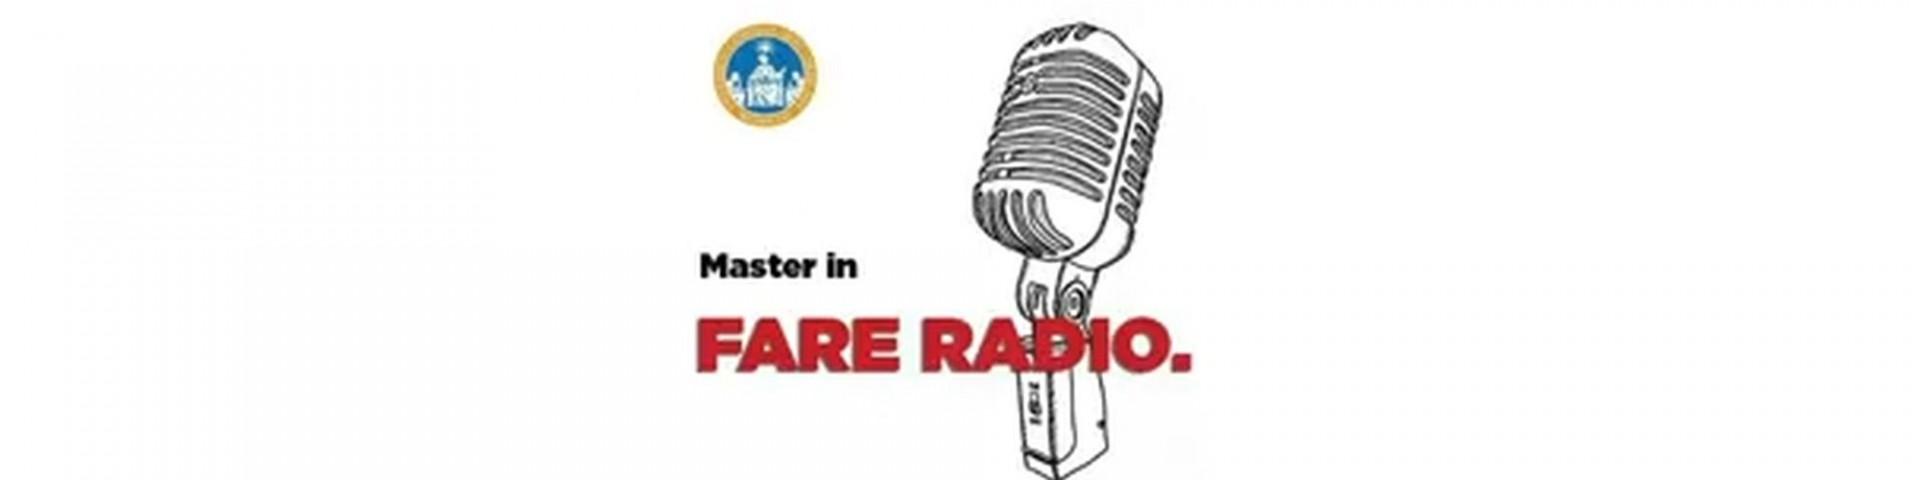 """I Love My Radio continua con """"Fare Radio"""", l'unico Master dedicato al mondo delle radio"""